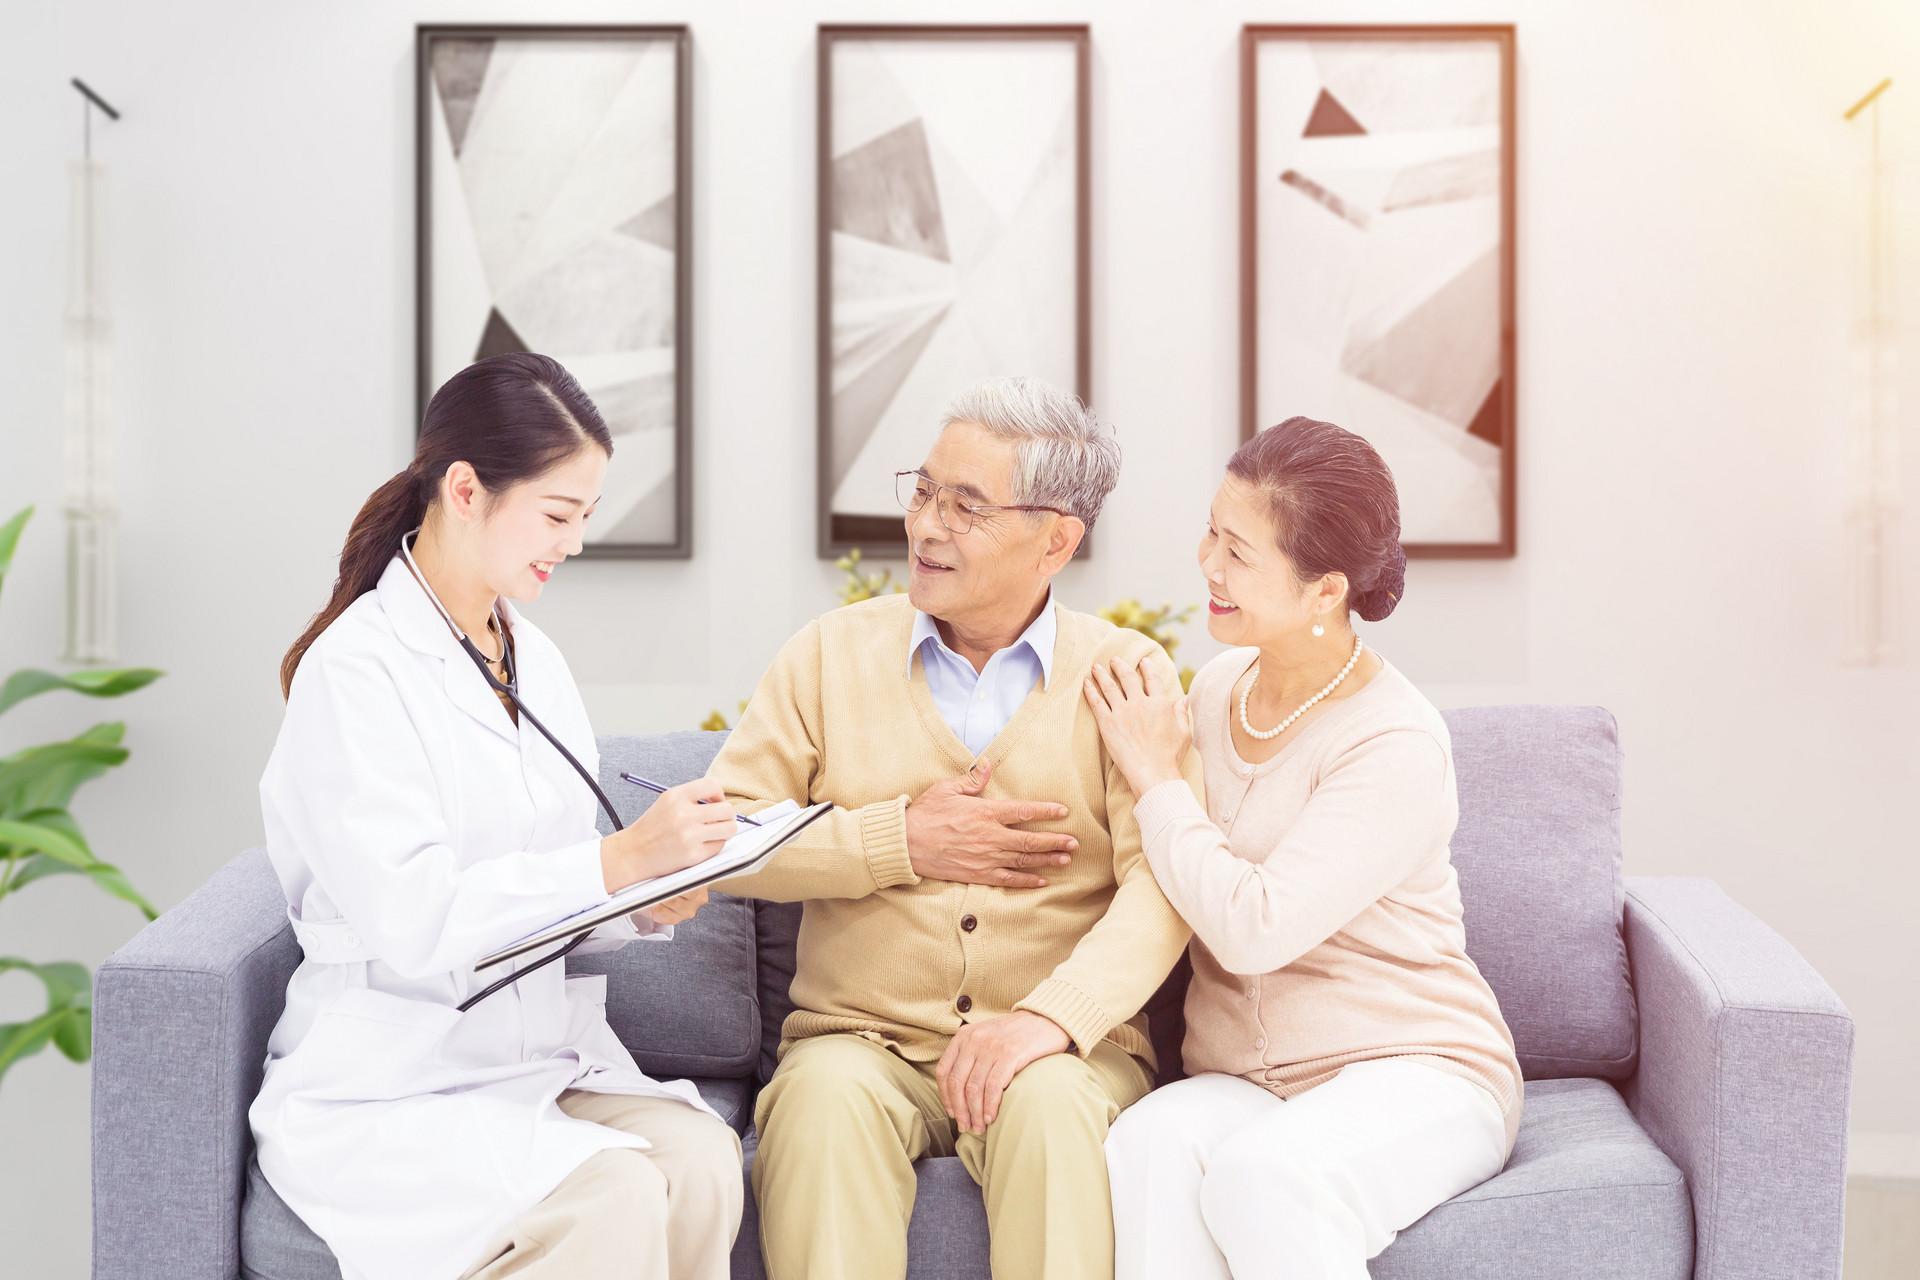 50万保额人寿保险一年多少钱?保至60周岁划算吗